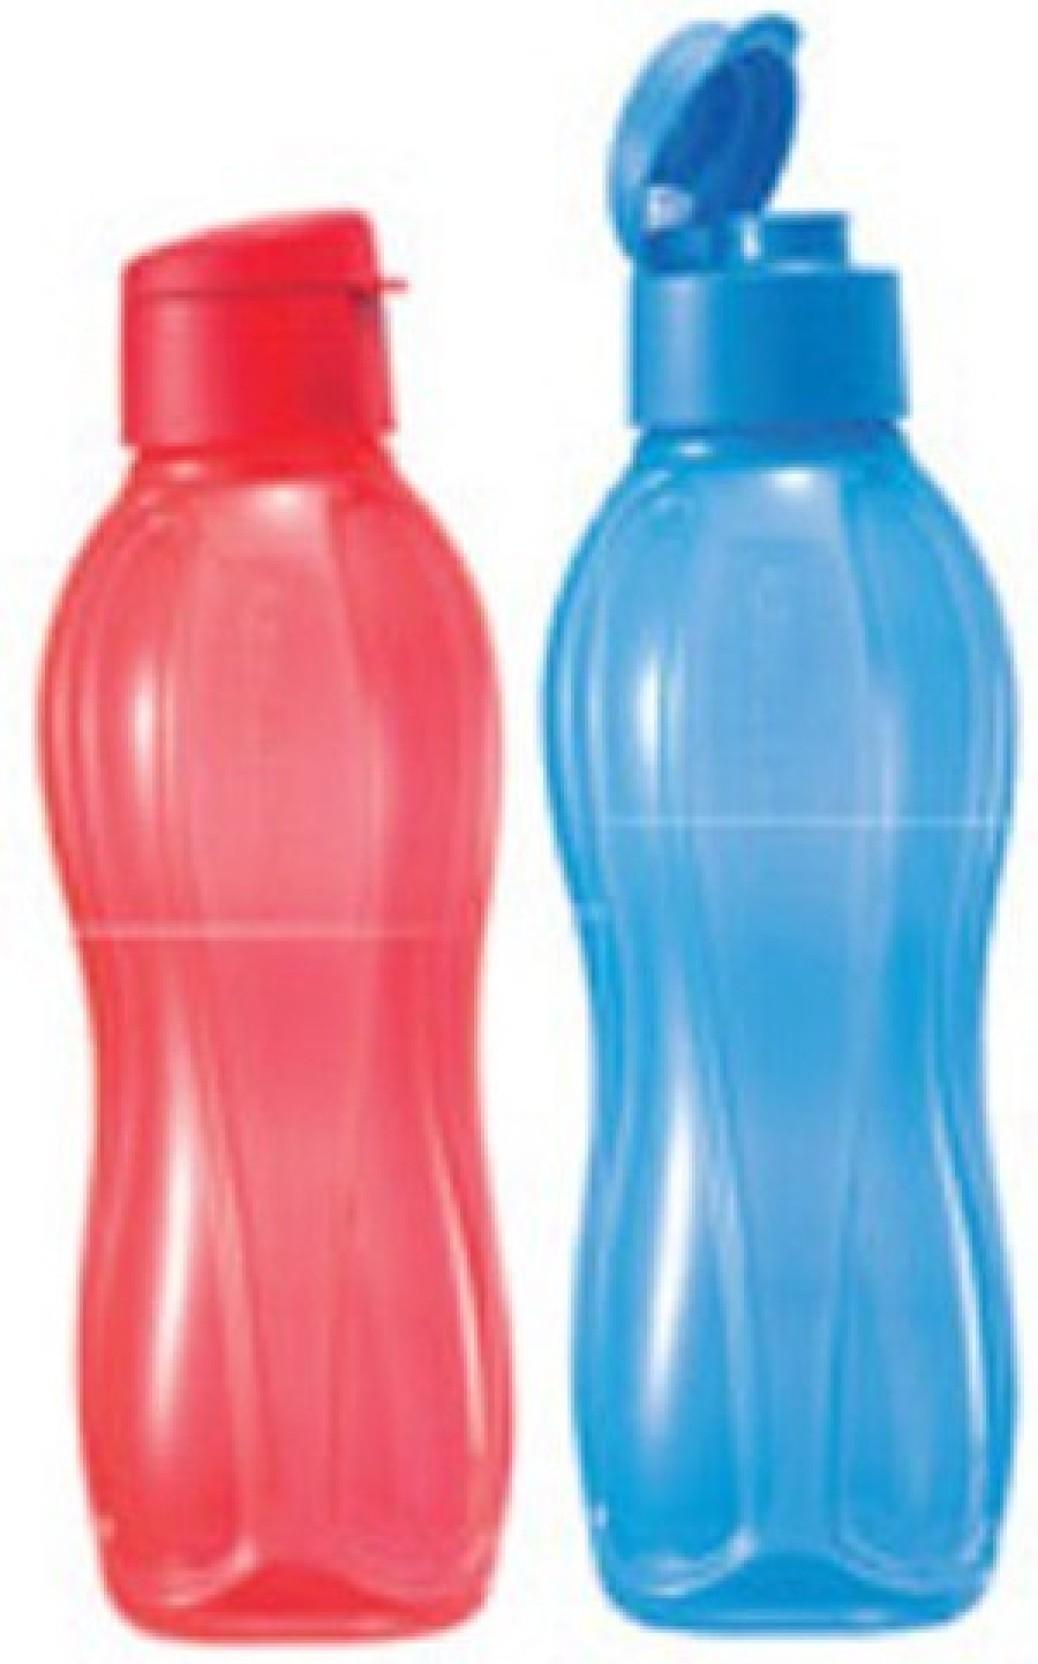 Tupperware Fliptop 500 ml Bottle - Buy Tupperware Fliptop 500 ml ...